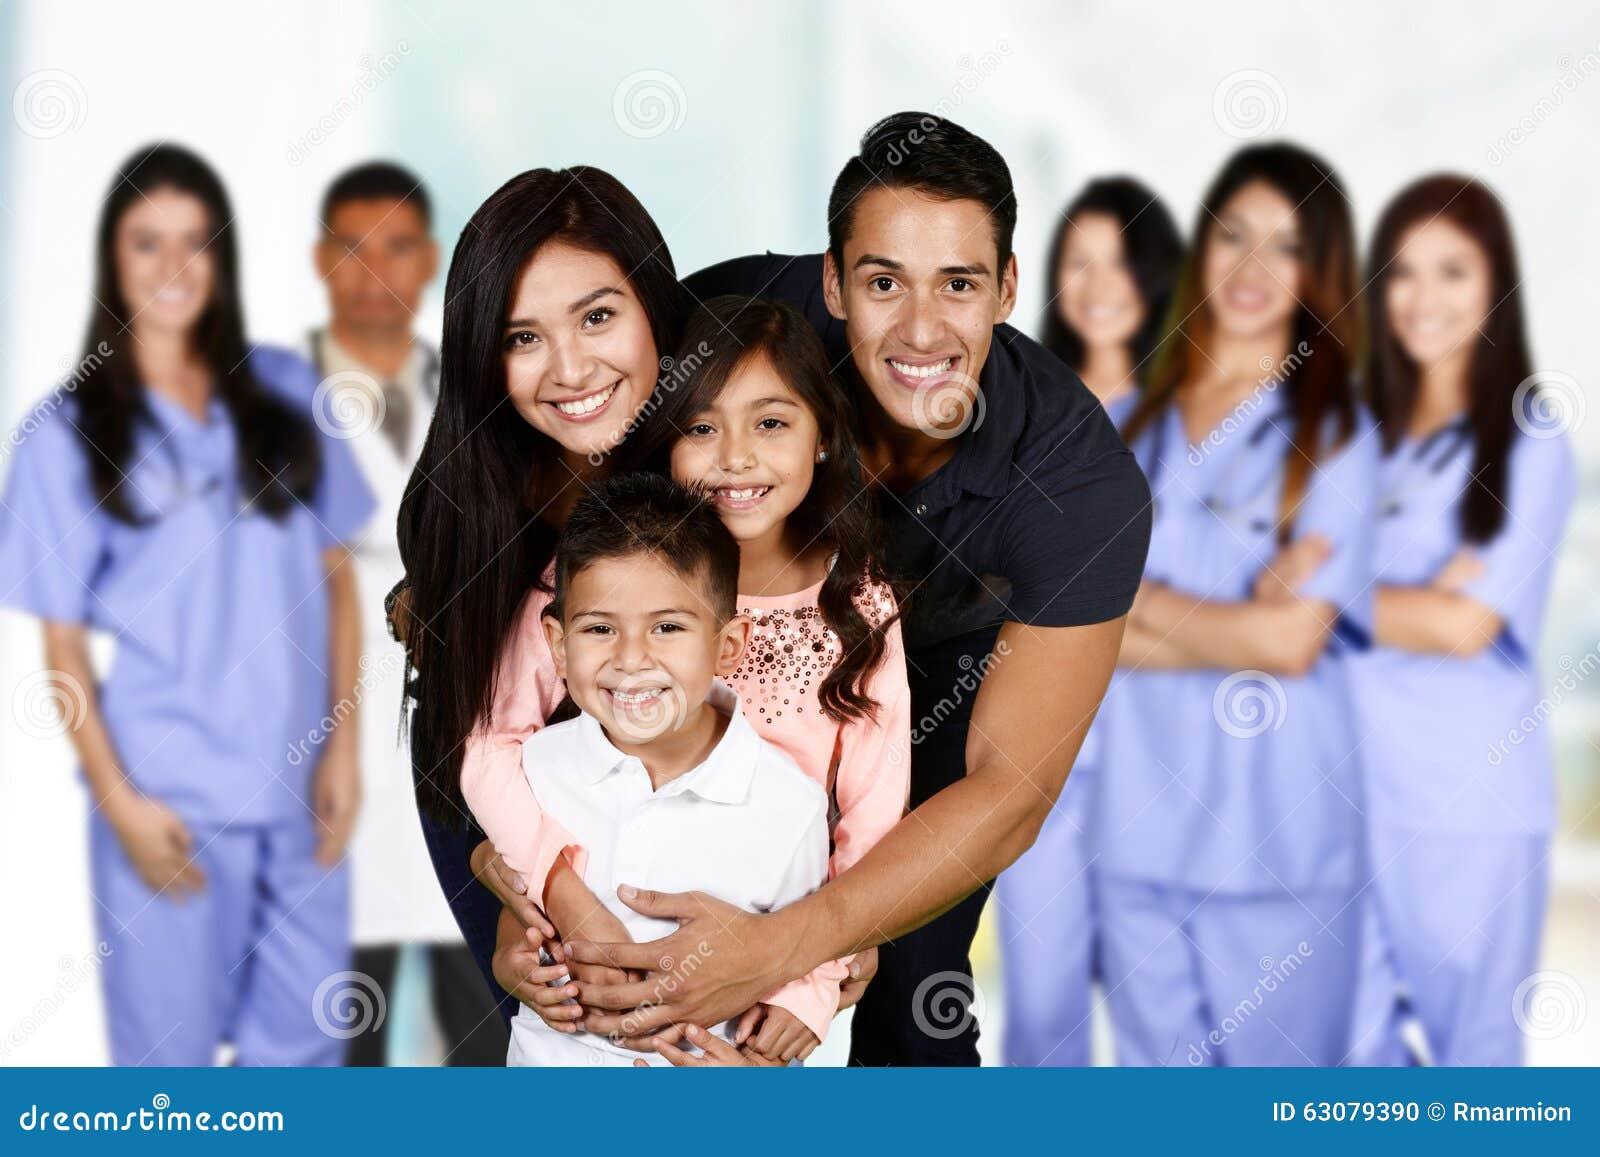 Download Famille à l'hôpital photo stock. Image du soins, enfants - 63079390